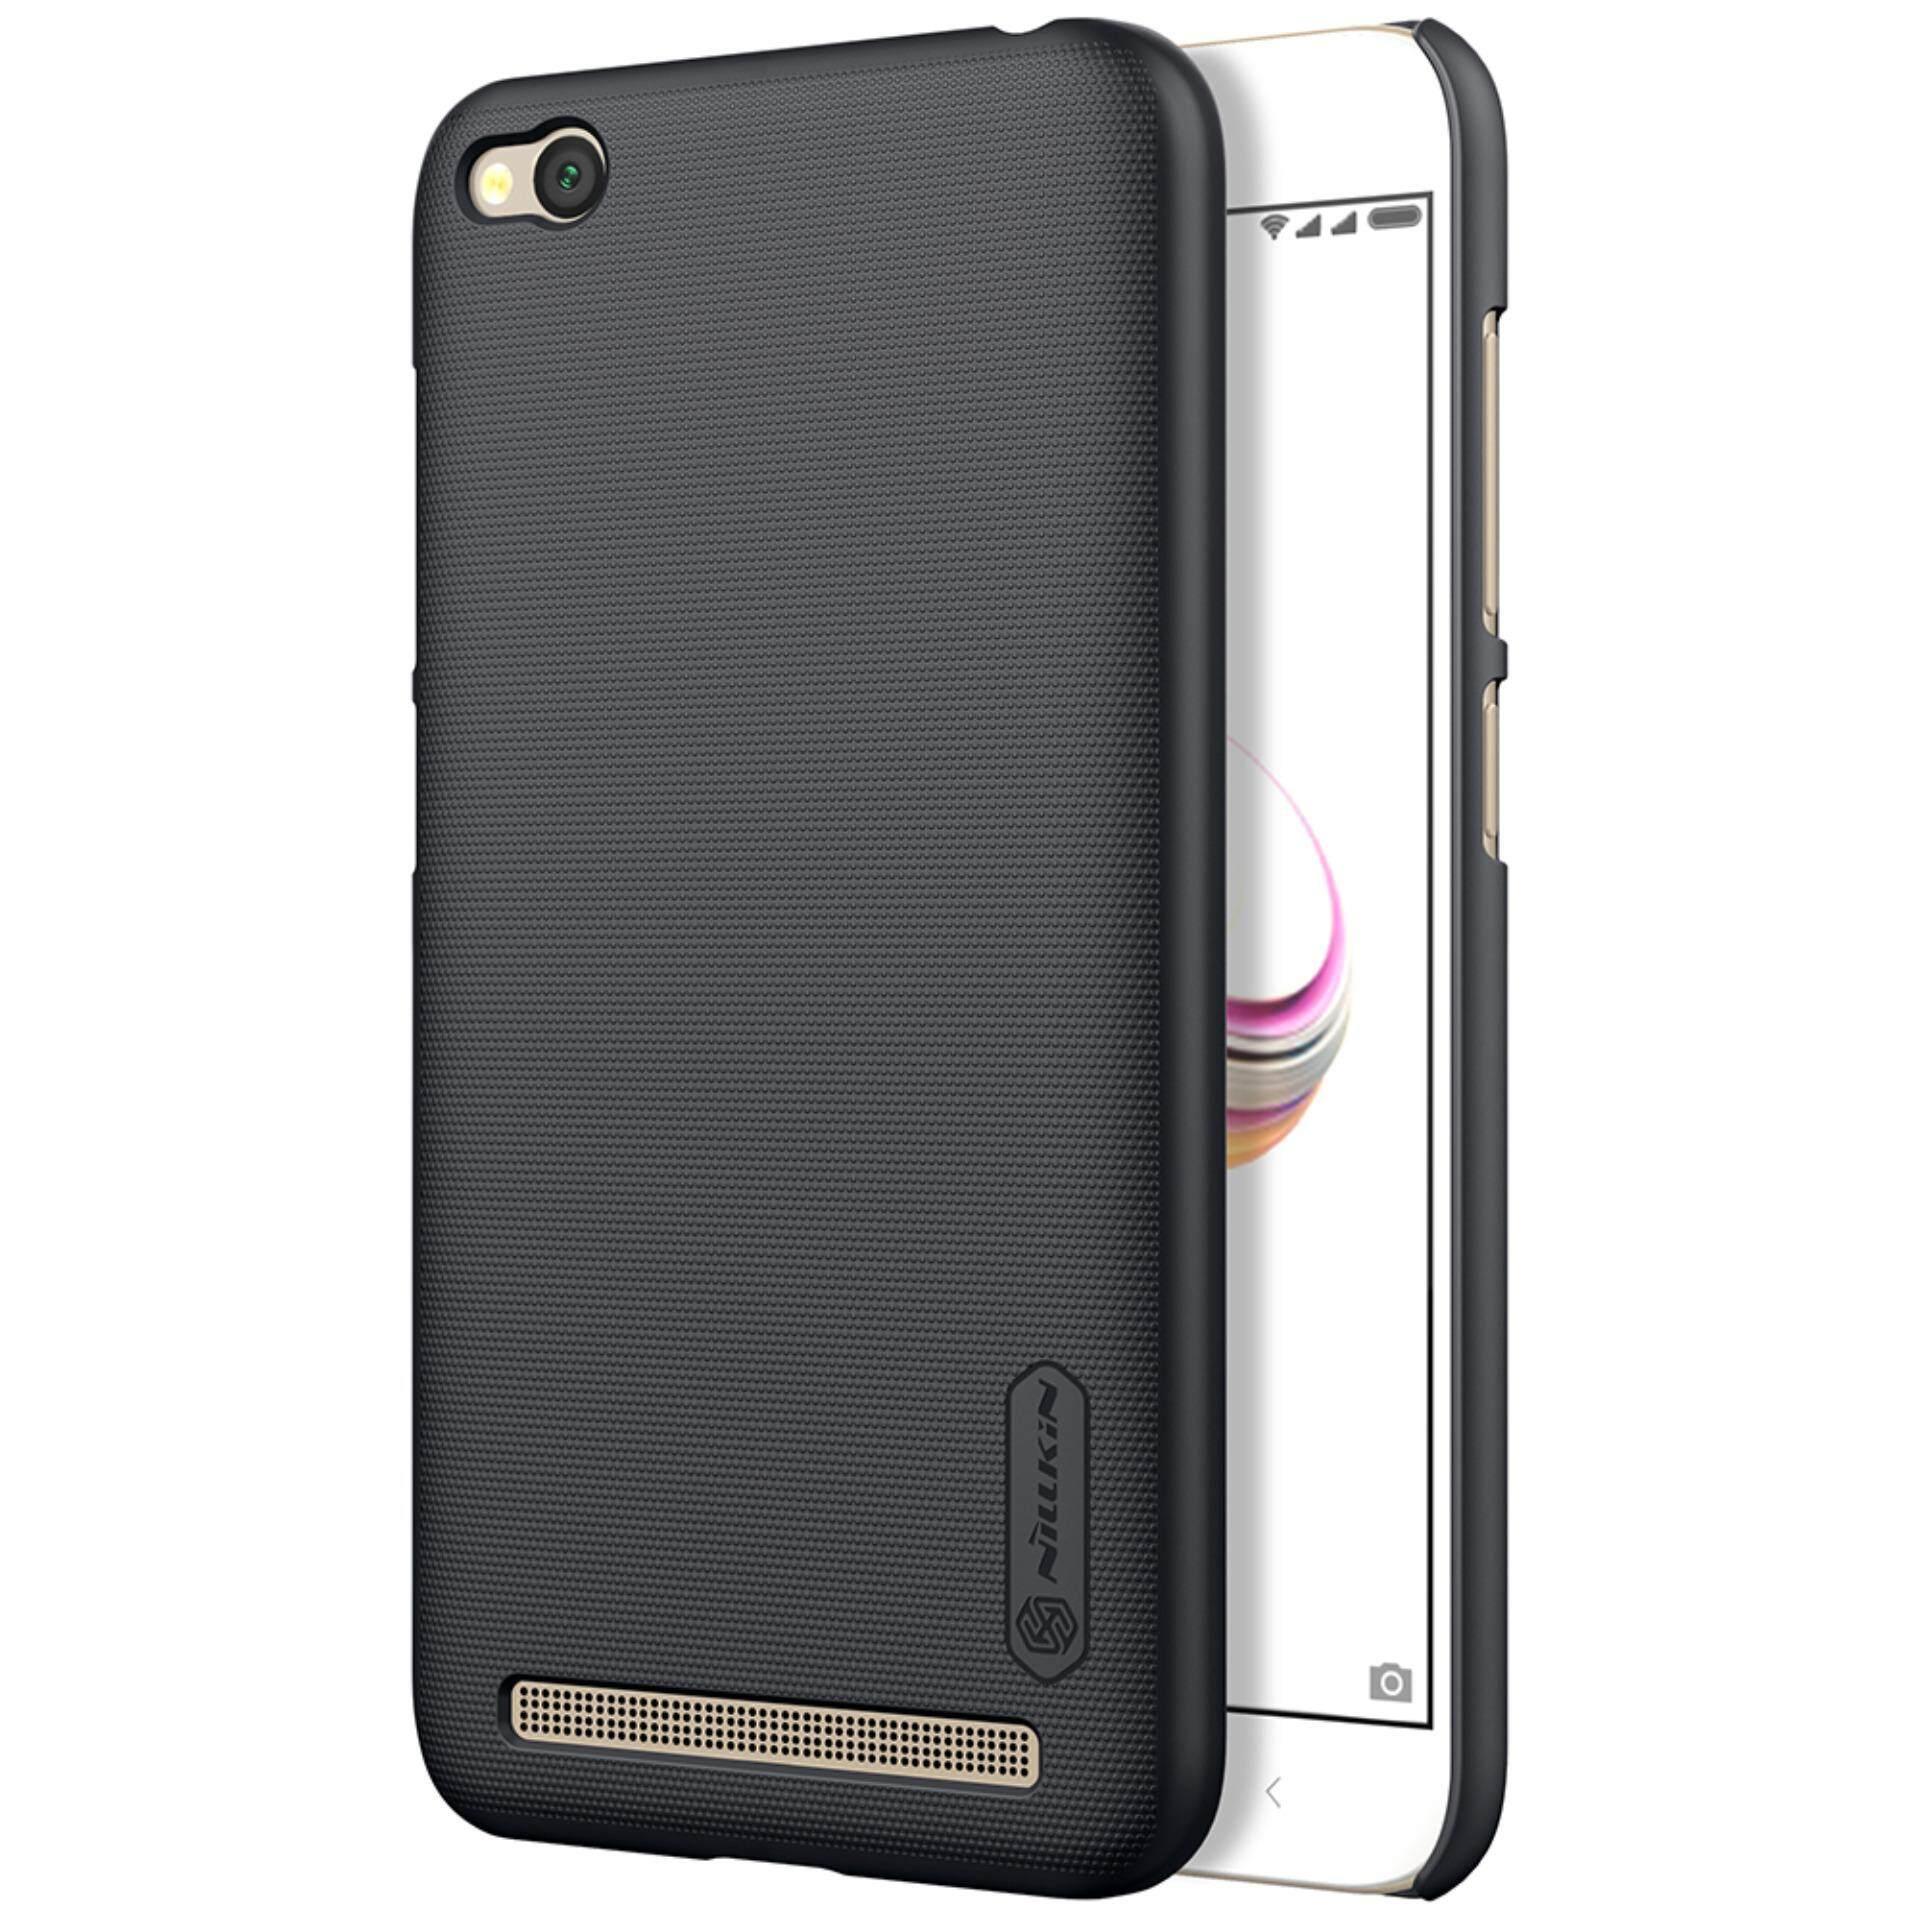 ซื้อ Xiaomi Redmi 5A Case Nillkin Super Frosted Shield With Screen Protector Ultra Thin Hard Pc Case Protective Shell Back Cover For Xiaomi Redmi 5A Black Intl ใหม่